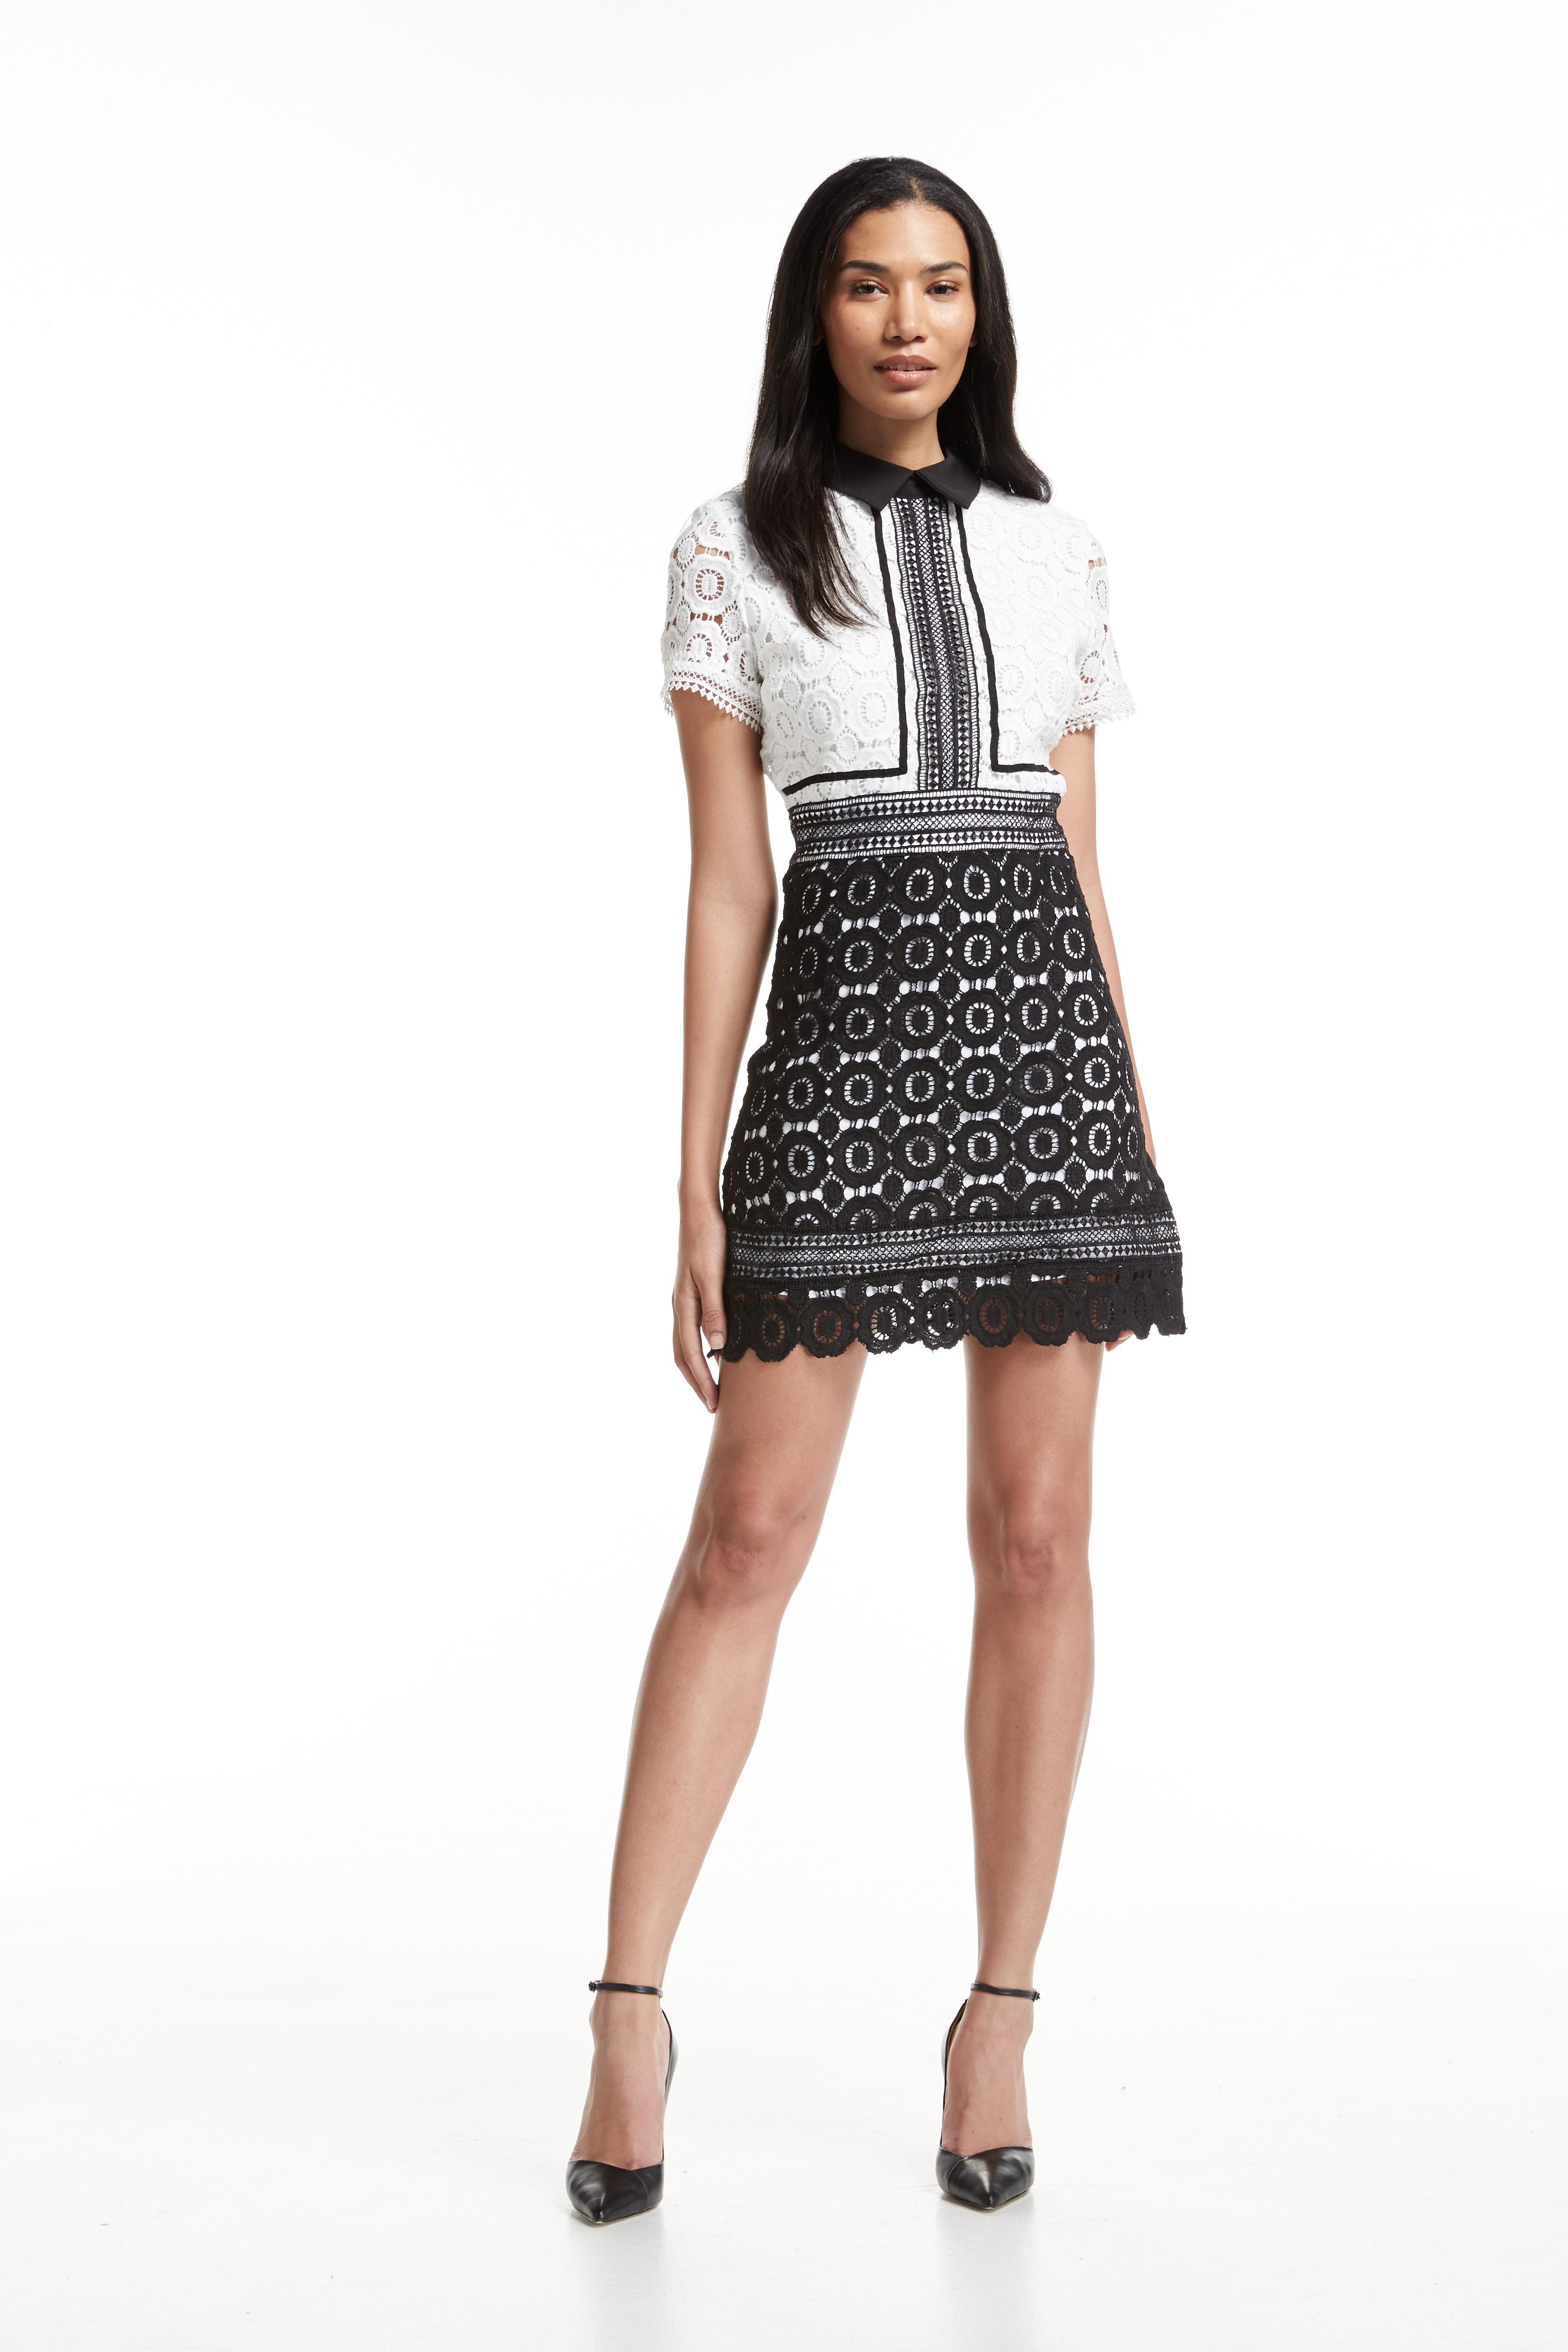 tangeroutlets_neimans_lace-dress